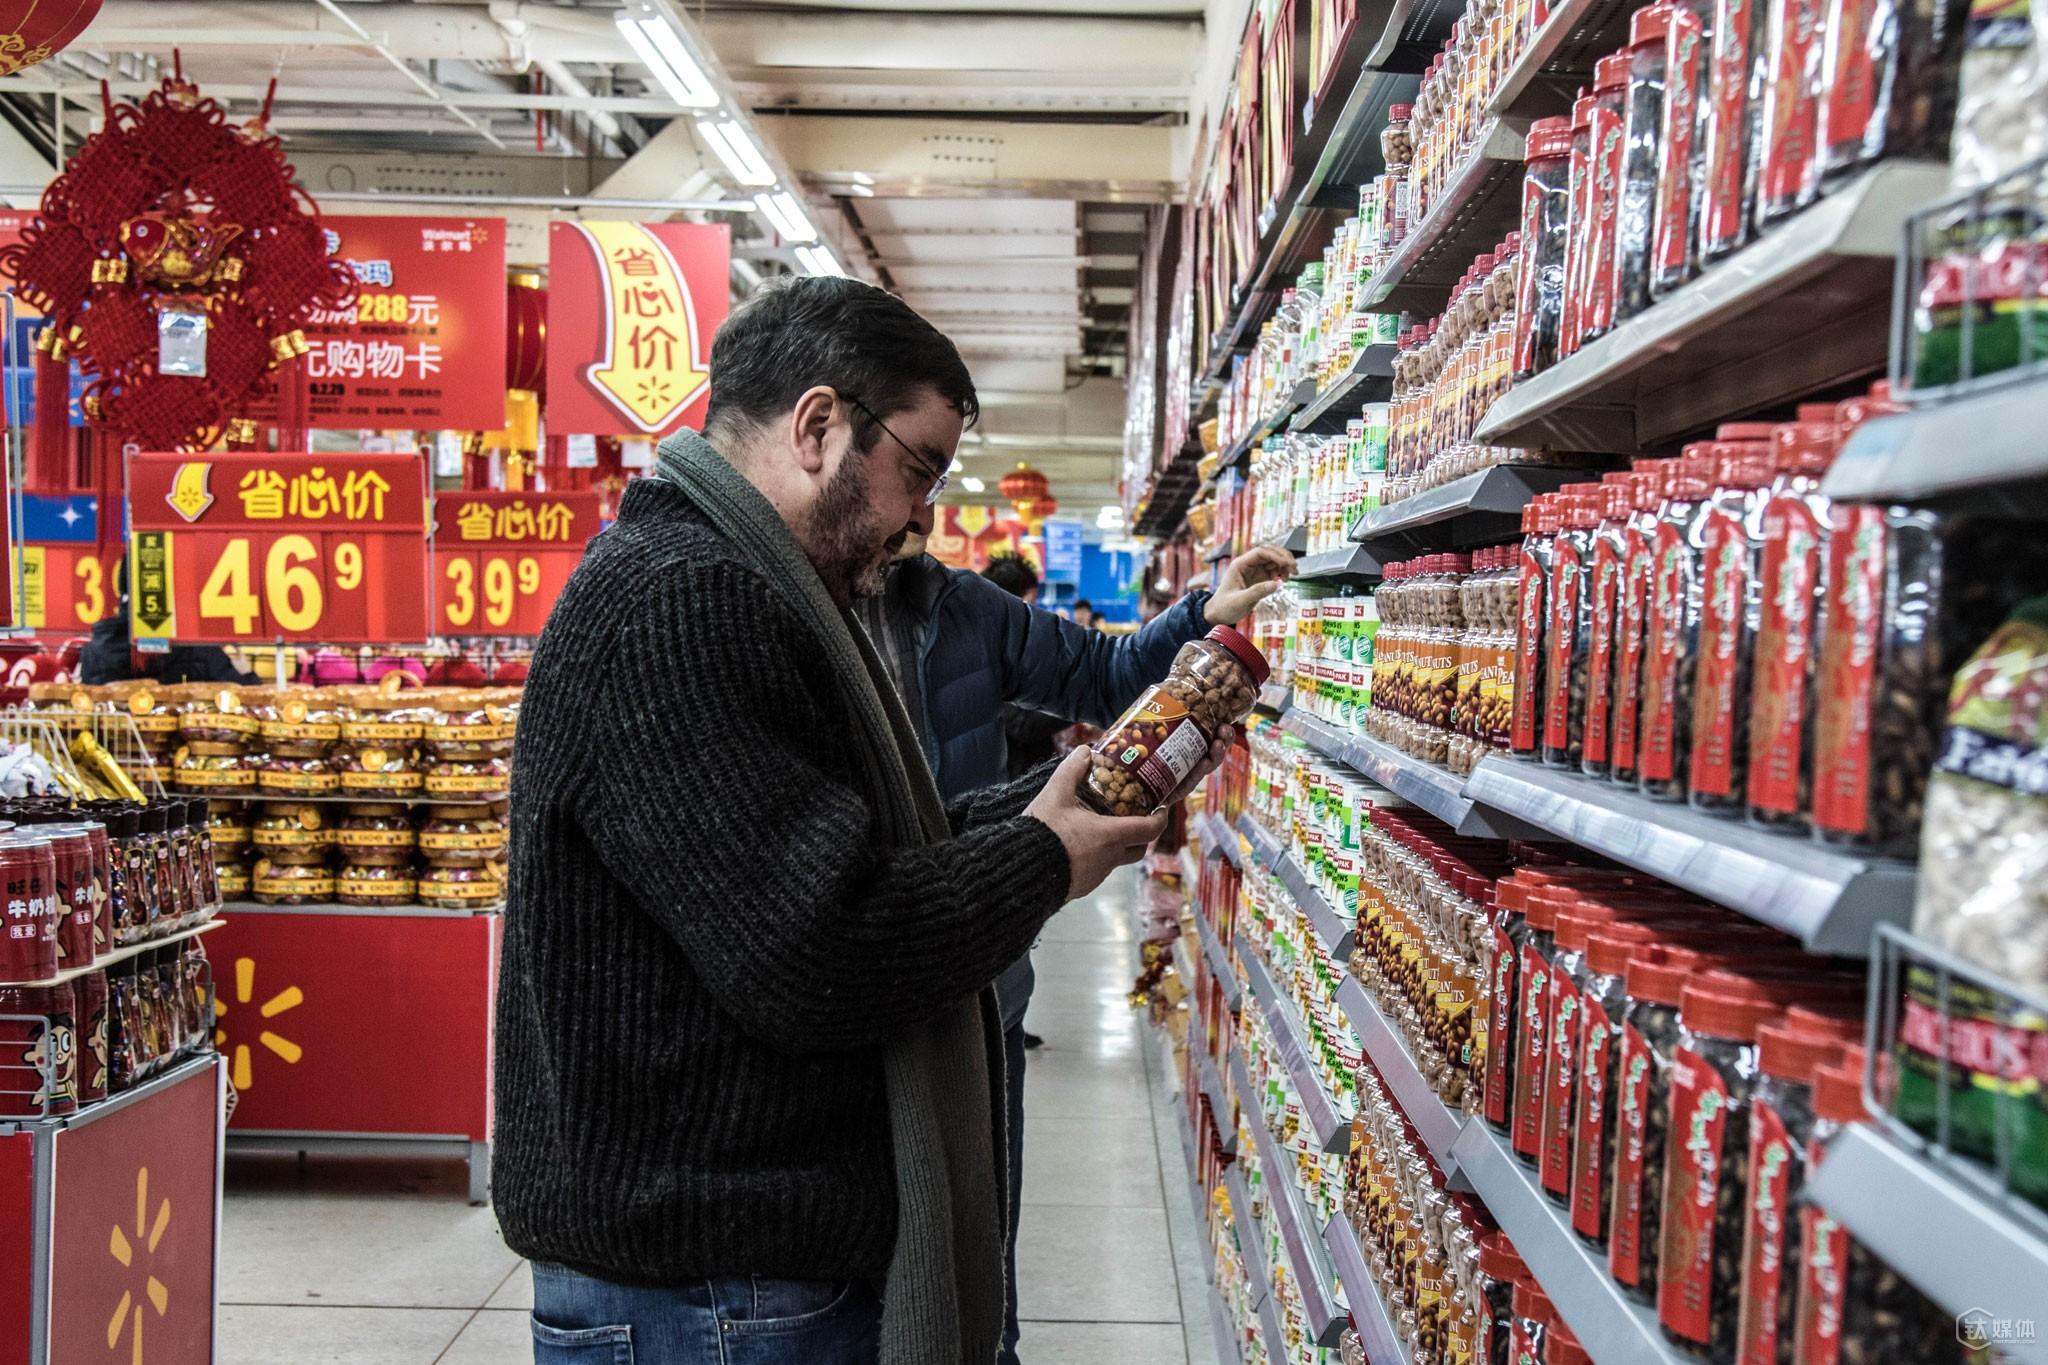 托马斯和同事在一家超市的进口食品区随机采购检测样品。因为来自各方面的压力,目前优恪只做在中国销售的国际品牌检测,检测主要依据欧美、世卫相关标准进行,每次的检测周期为3个月。